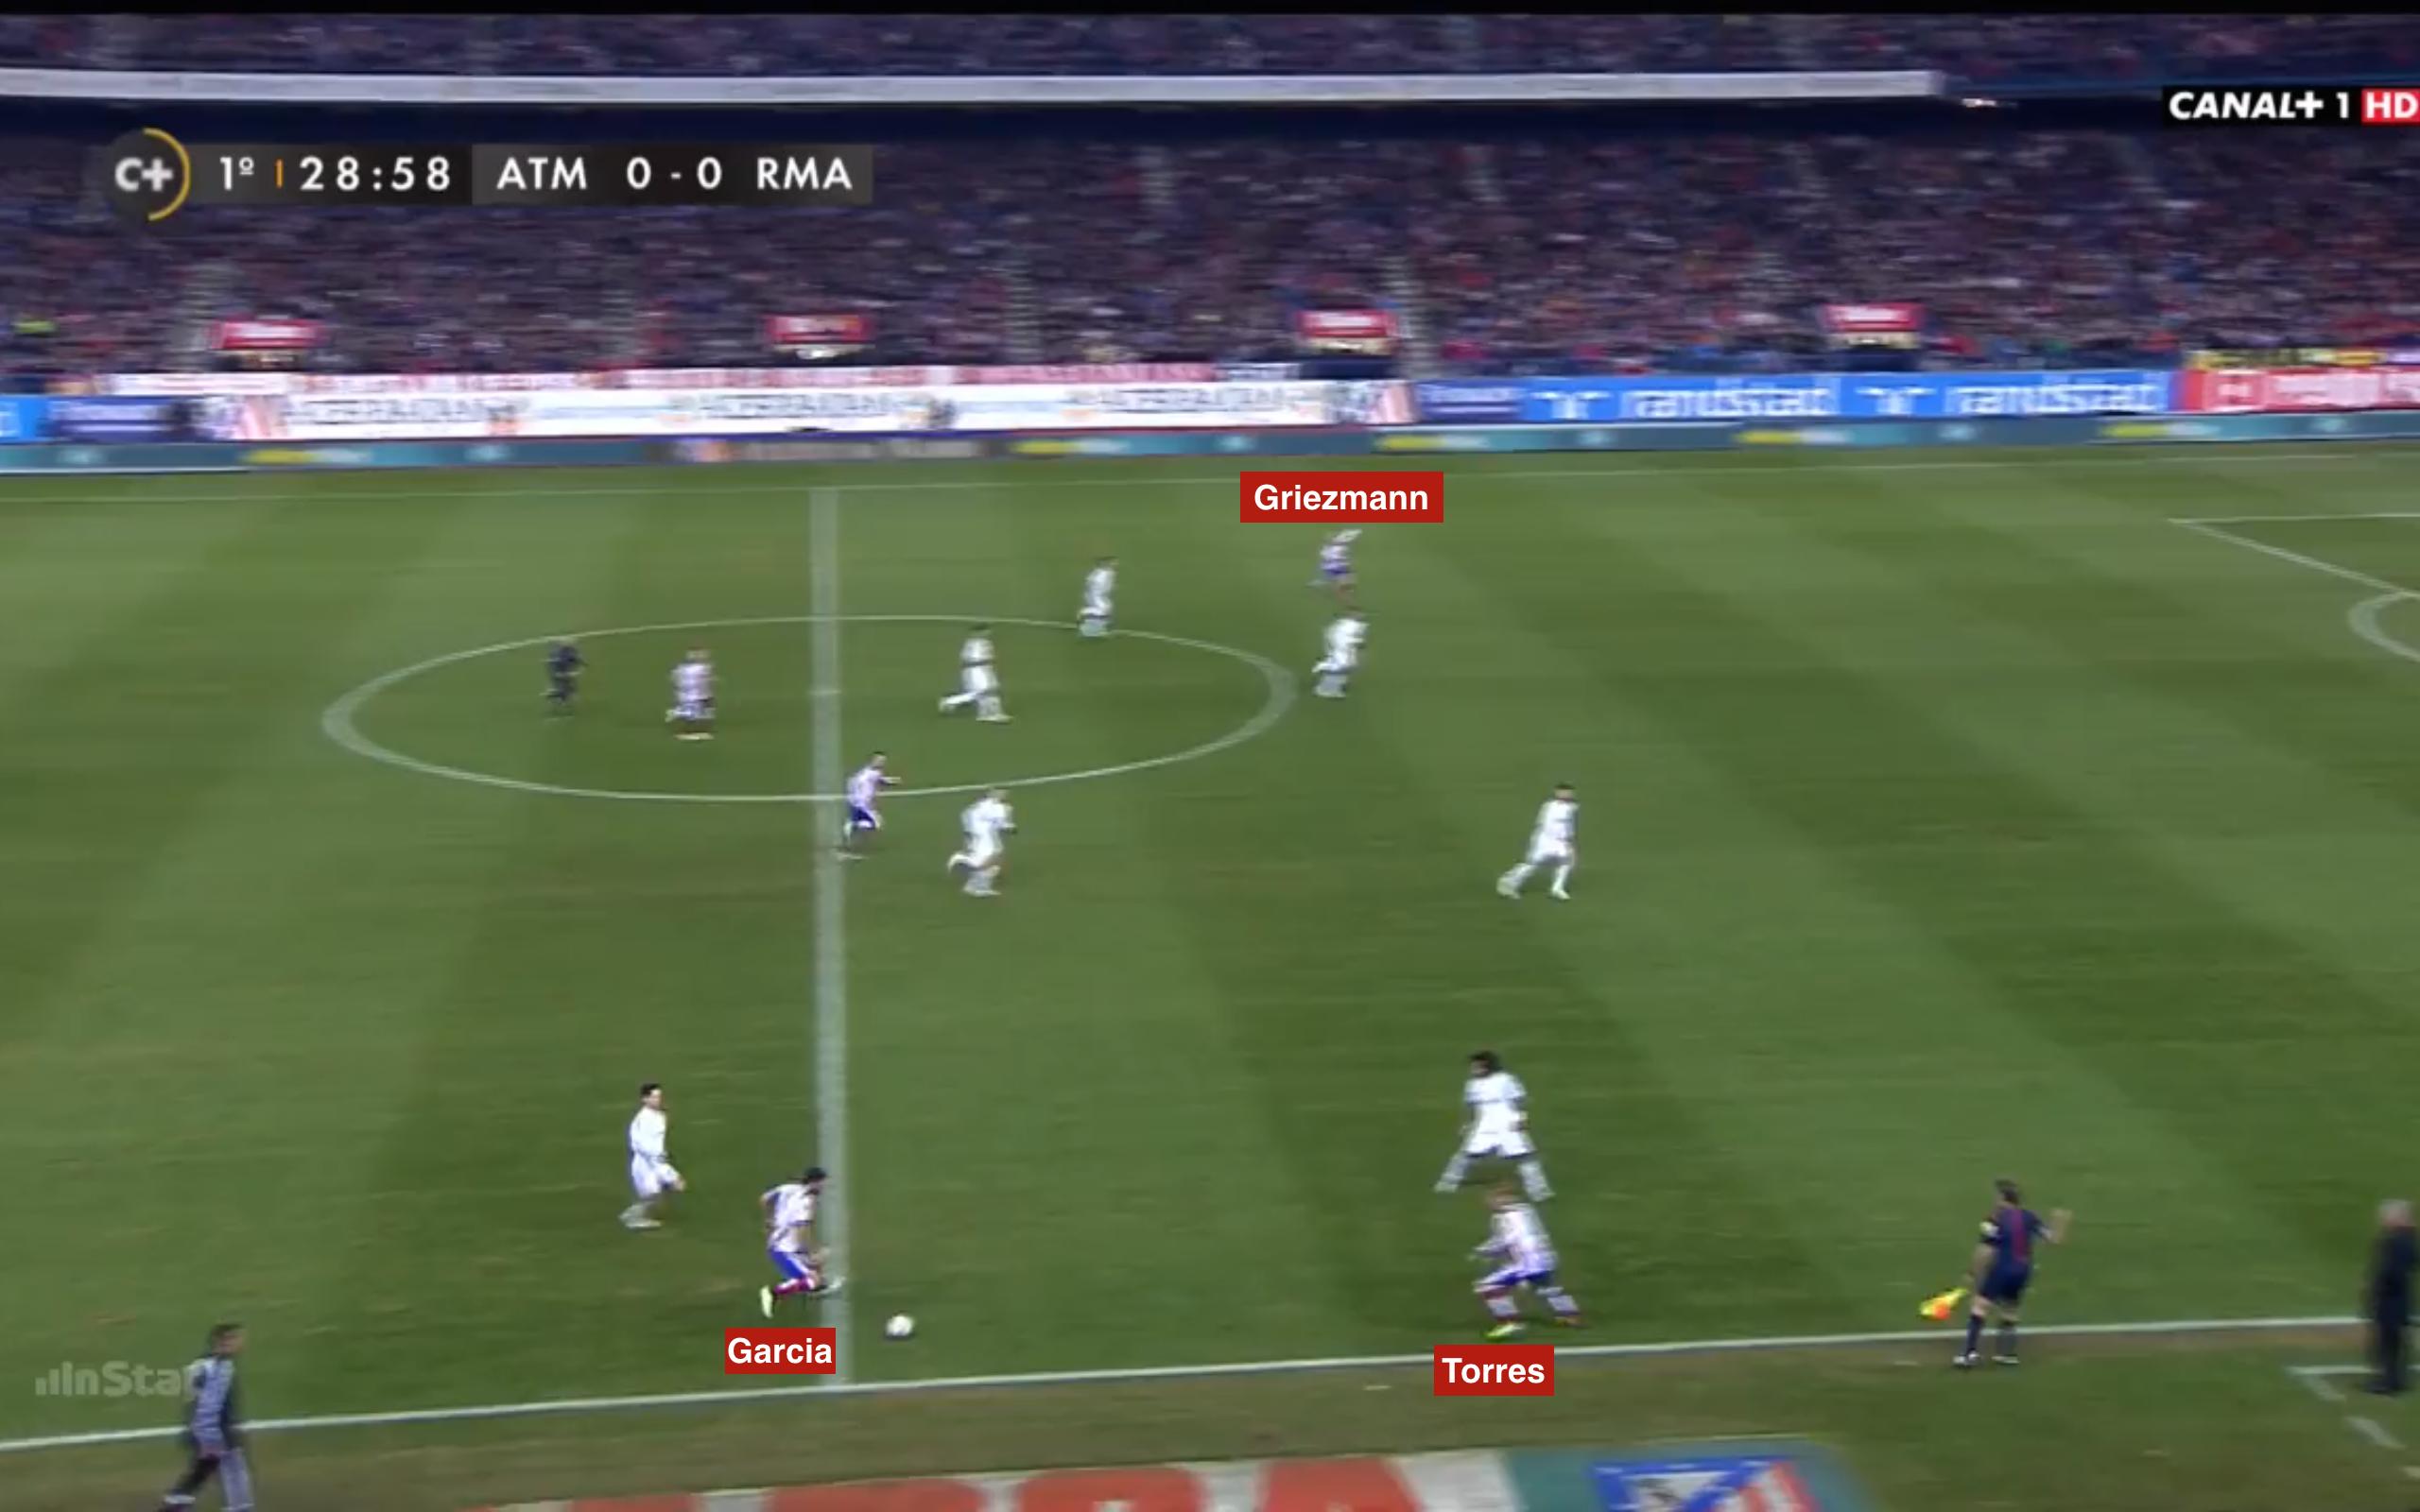 Staffelungsproblem I: Torres orientiert sich wie Griezmann im falschen Moment zum Flügel, dadurch verflacht die Staffelung extrem und es gibt kaum mögliche Passwege.